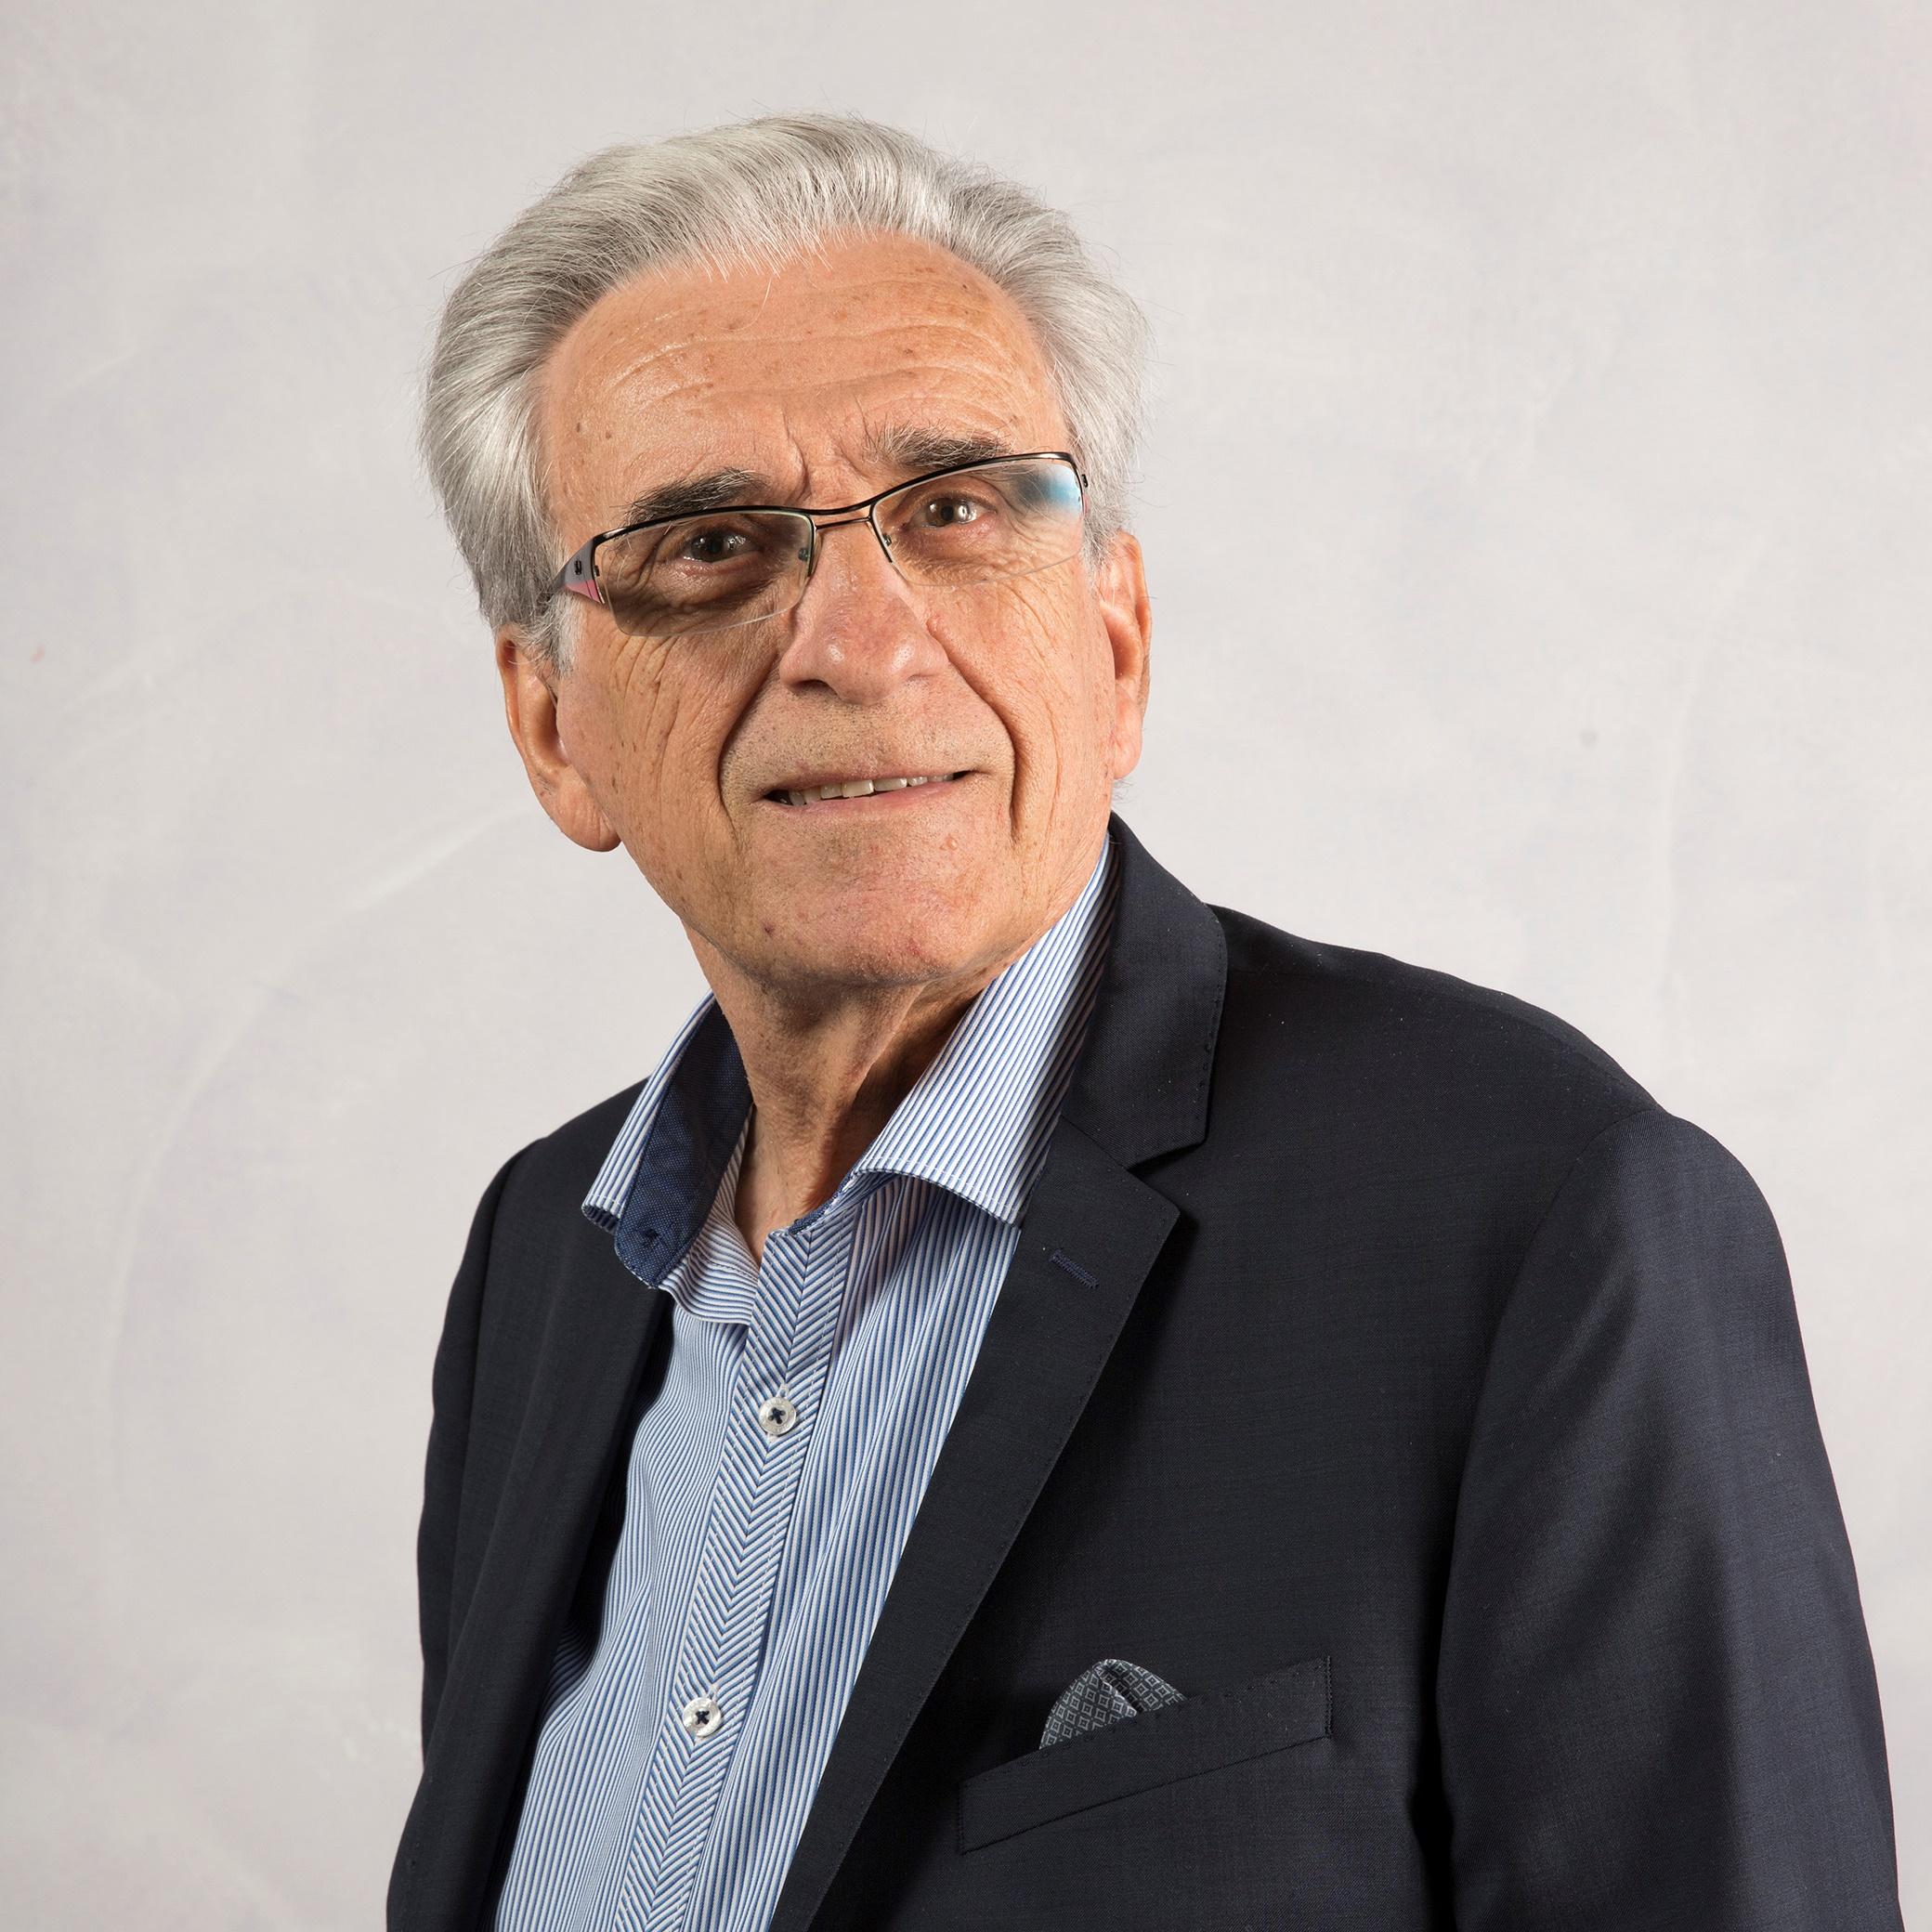 Portrait de Antonin MALROUX - auteur présent au Salon du Livre de Royat-Chamalières 2019